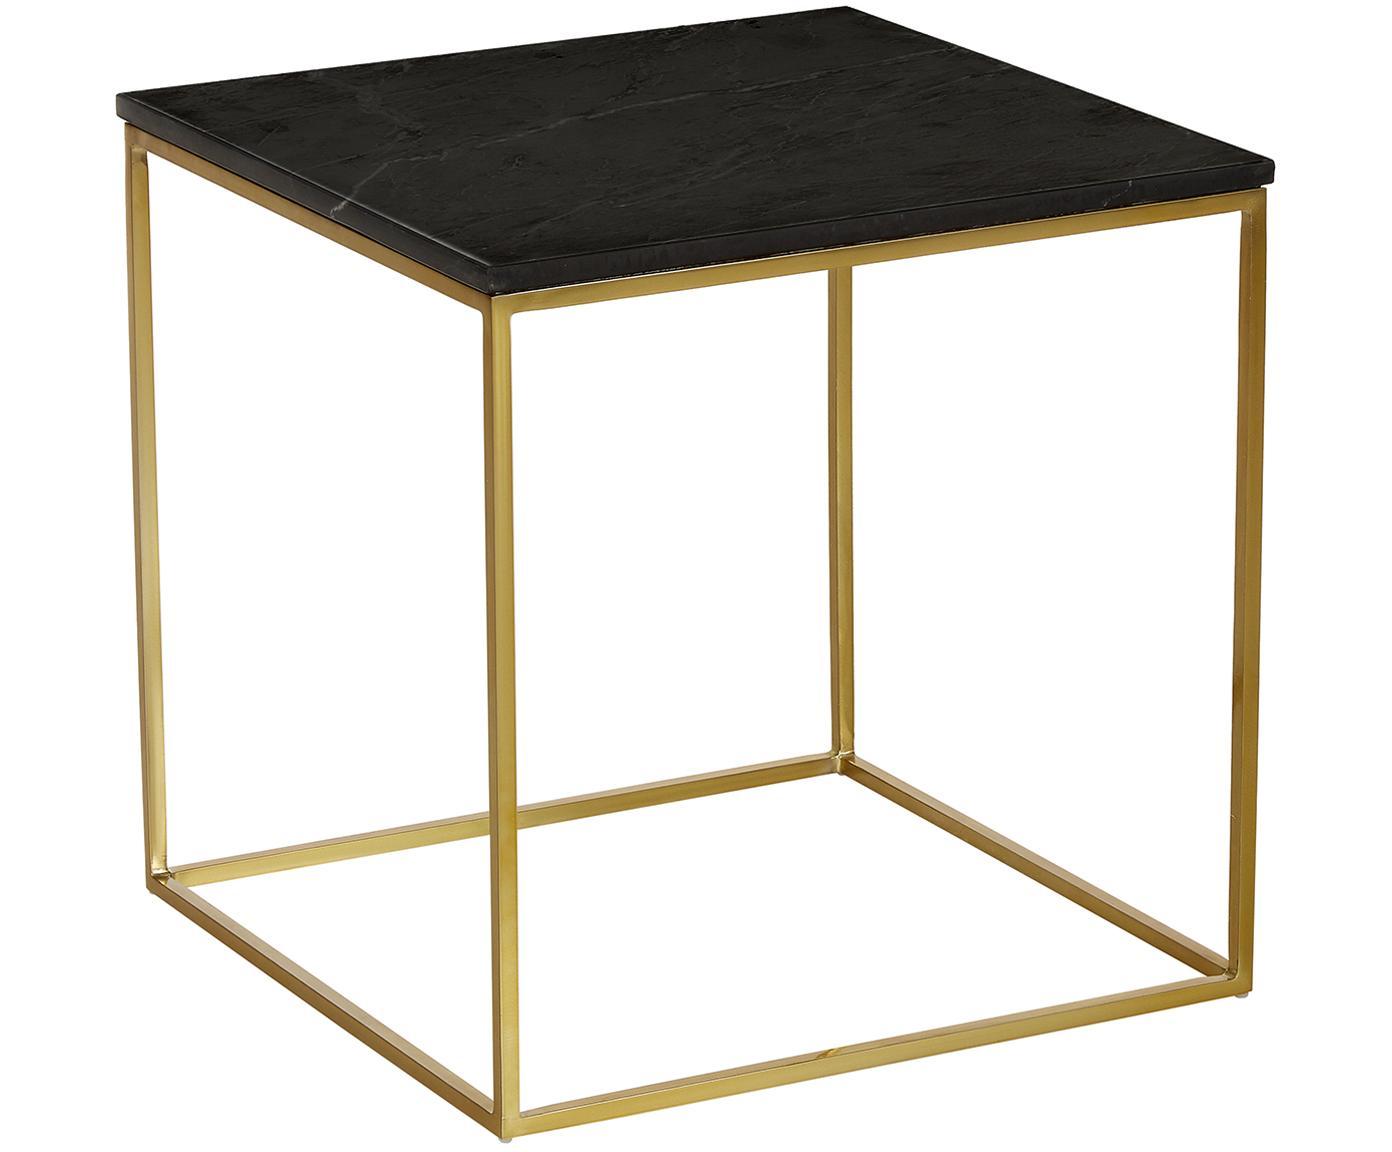 Mesa auxiliar de mármol Vince, Tablero: mármol natural, Estructura: metal recubierto, Negro, An 50 x Al 50 cm